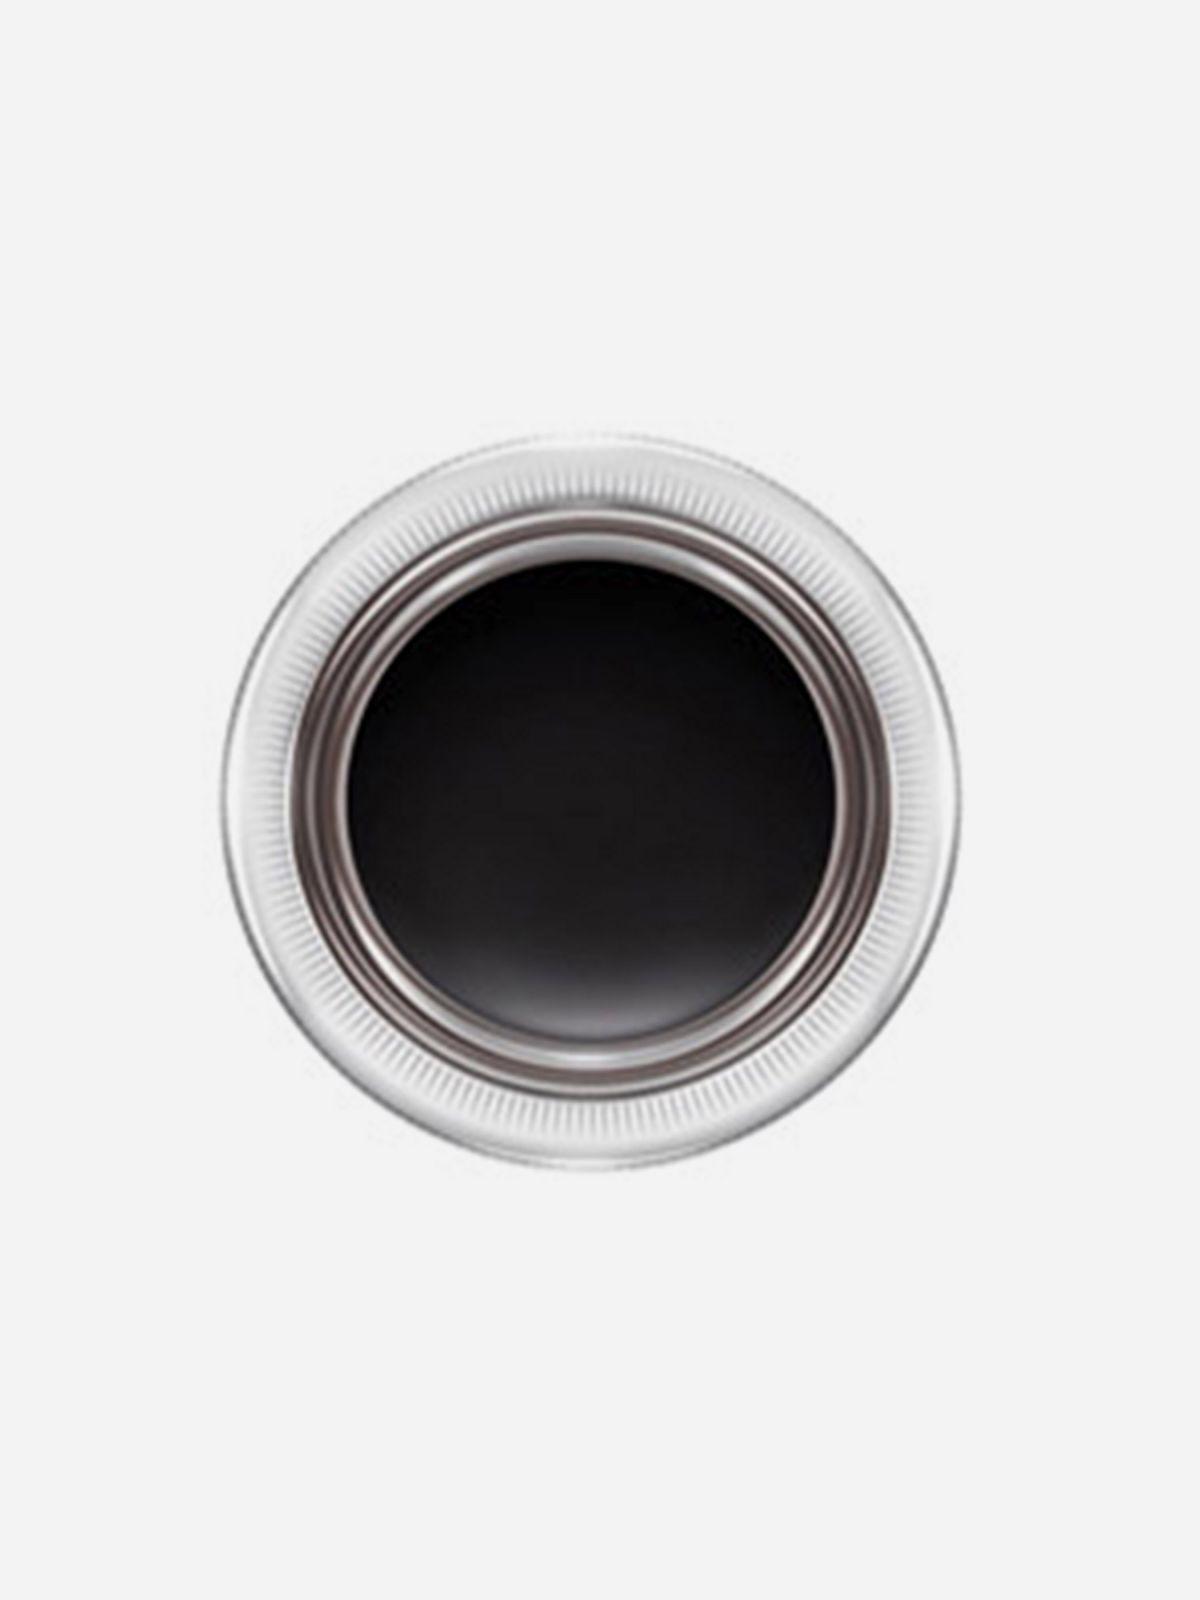 אייליינר Pro Longwear Fluidline Eyeliner and Brow Gelאייליינר Pro Longwear Fluidline Eyeliner and Brow Gel של MAC